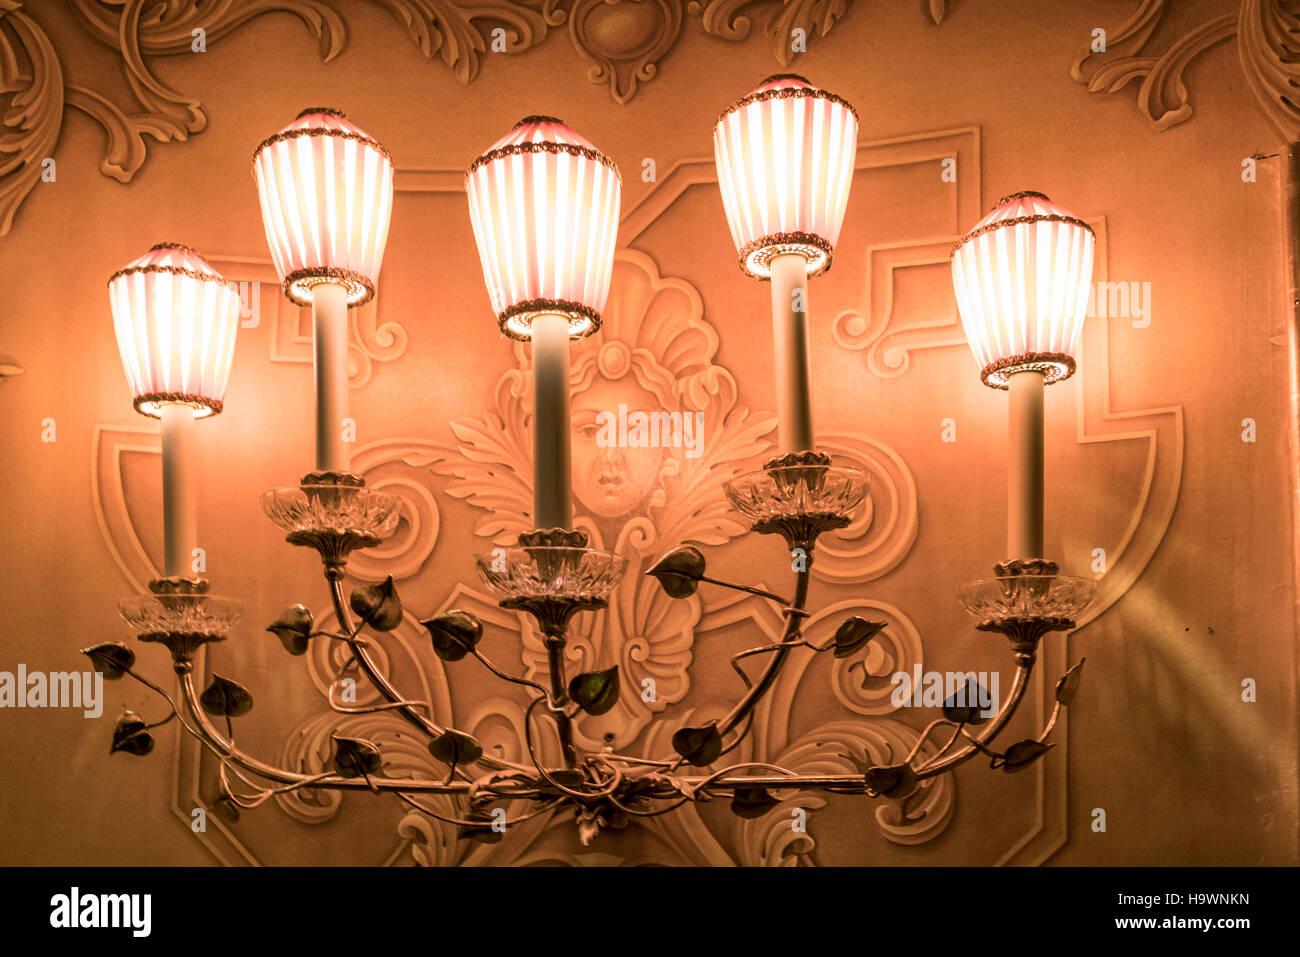 Théâtre de l'opéra La Fenice, lampes, Venezia, Venice, Venise, Italie, Europe, Photo Stock